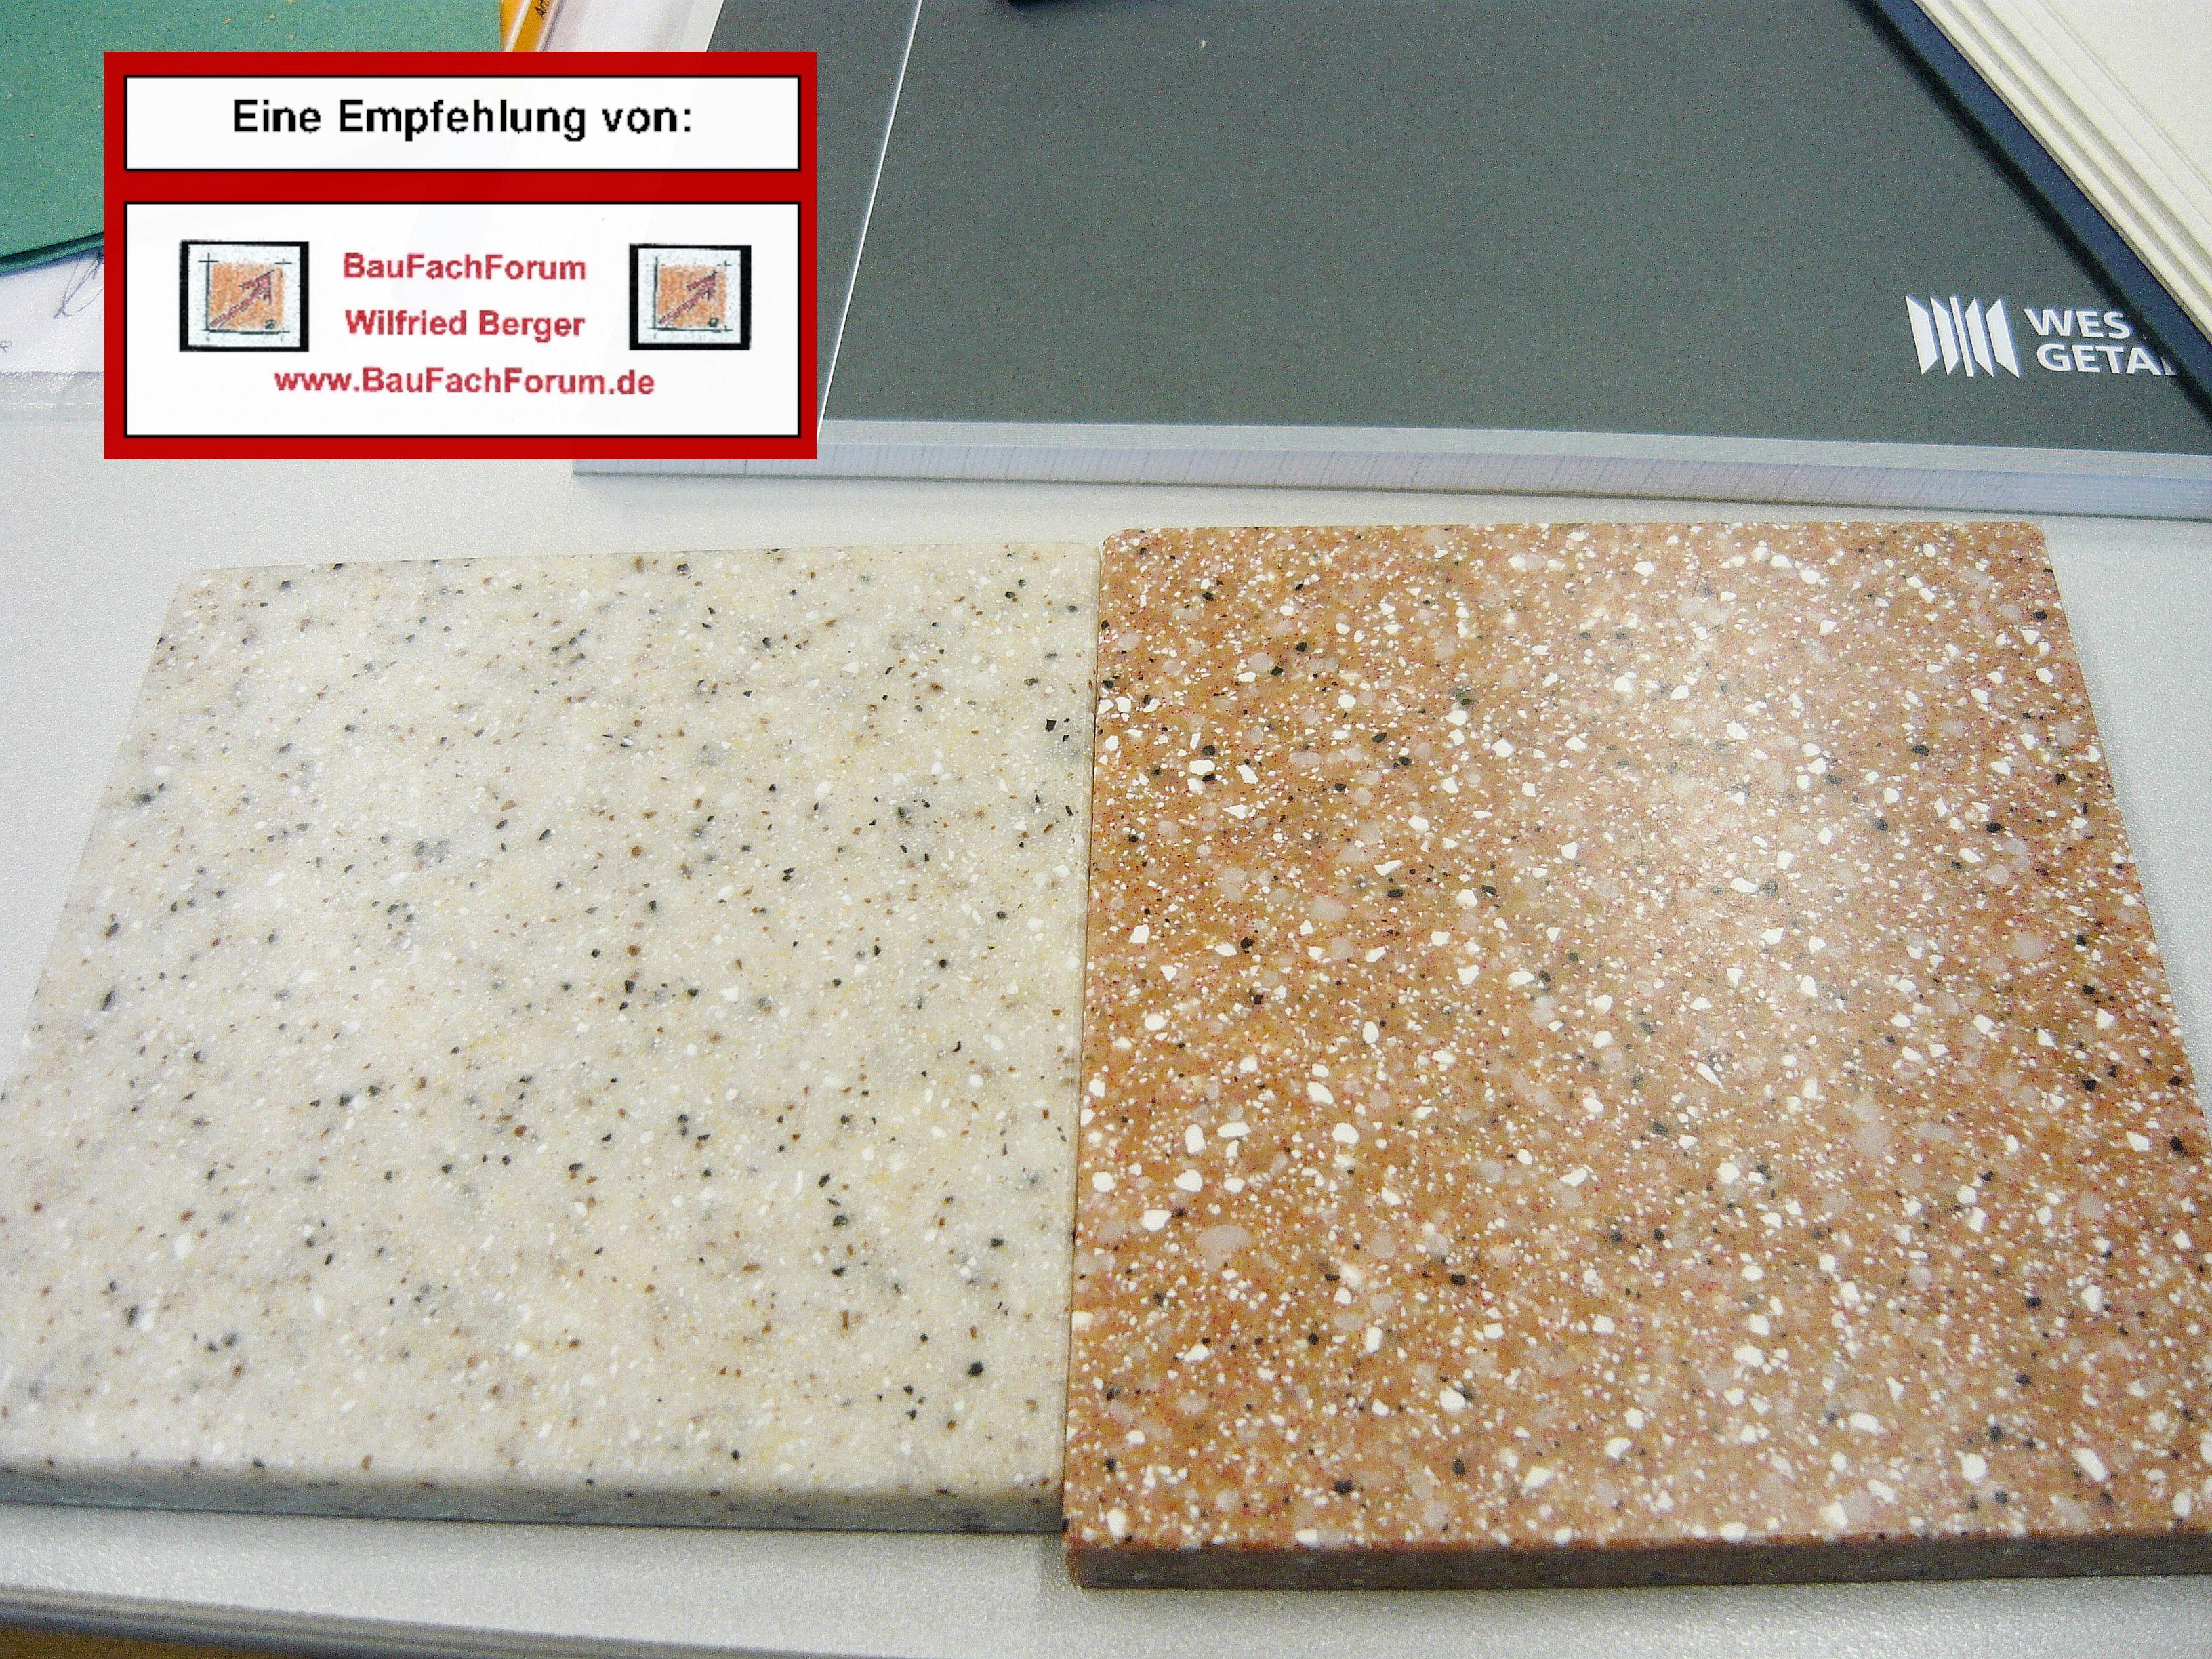 Baufachforum Schaden Sachverstandiger Wilfried Berger Verbindungsfugen Mineralsteinplatten Mineralwerkstoffe Getalit Wes Bau Fenster Einbauen Fortbildung